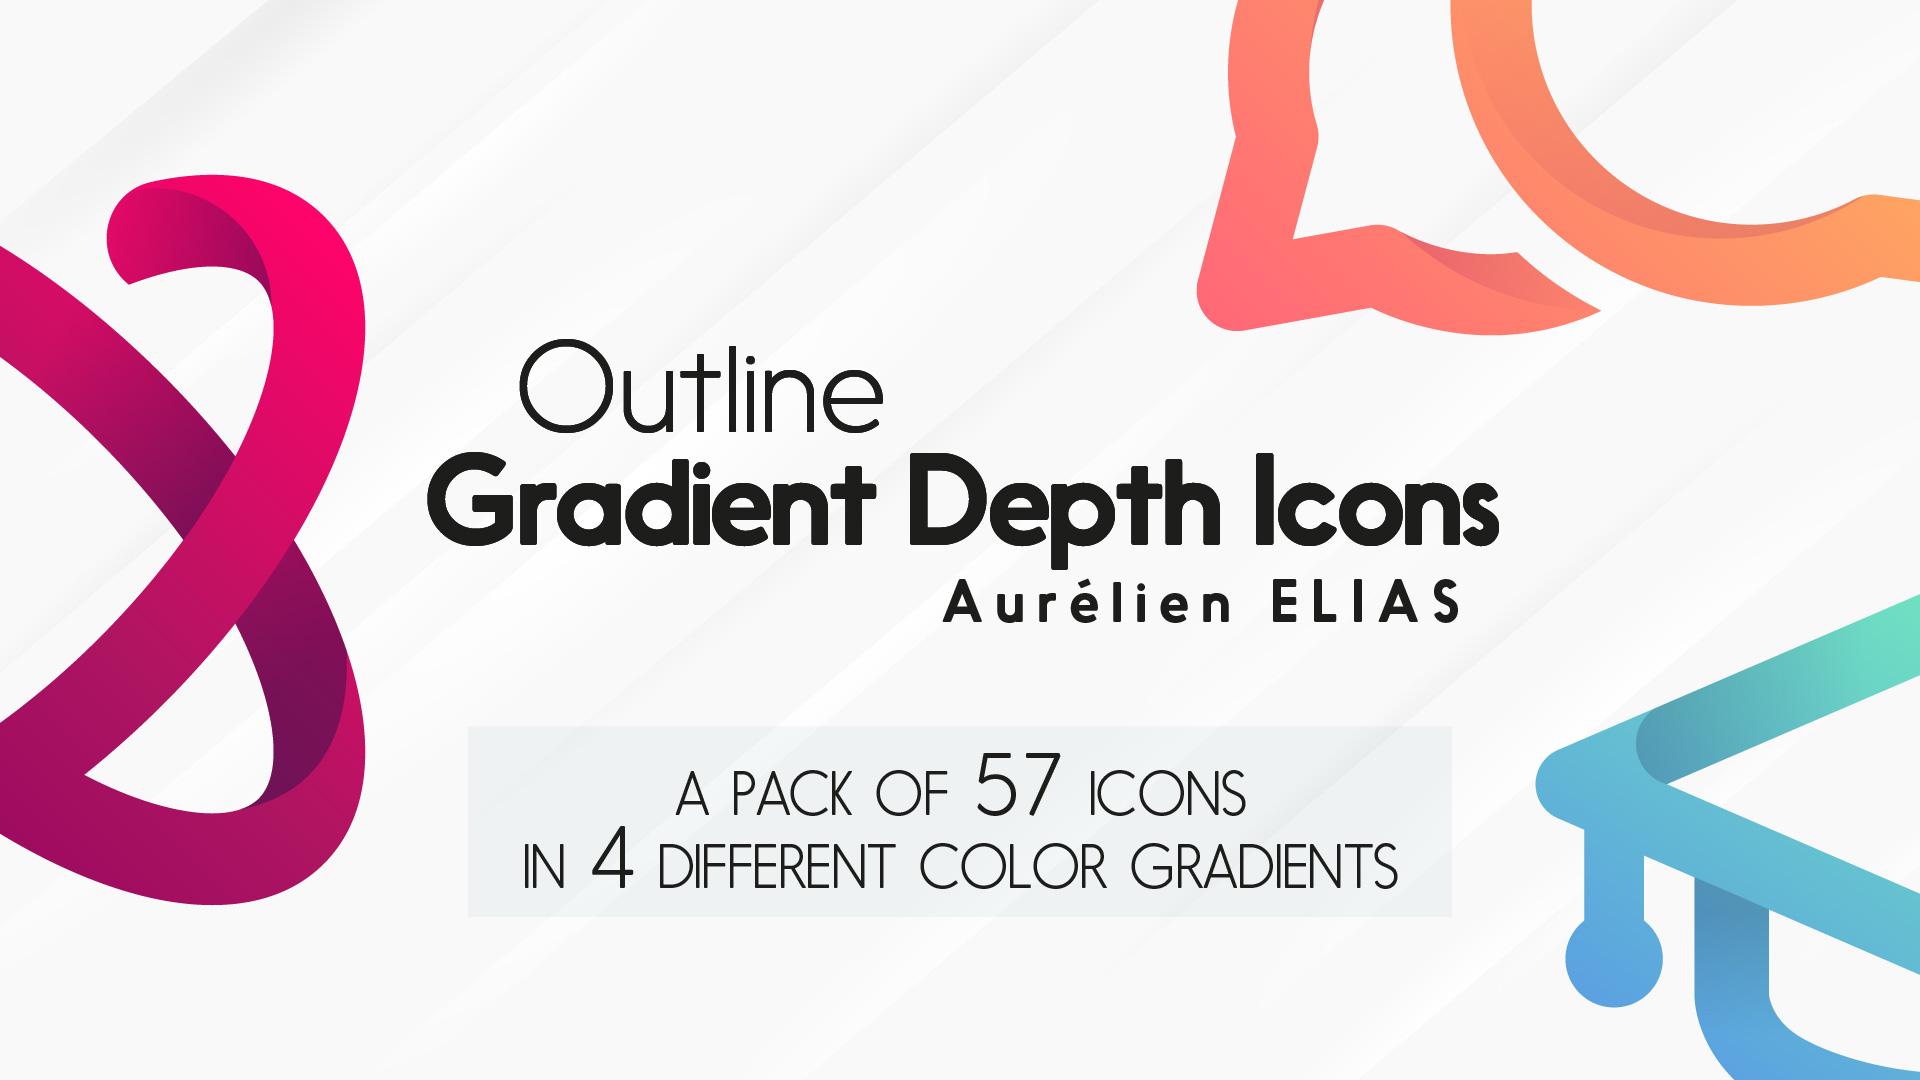 Outline Gradient Depth Icons Pack by Aurélien Elias